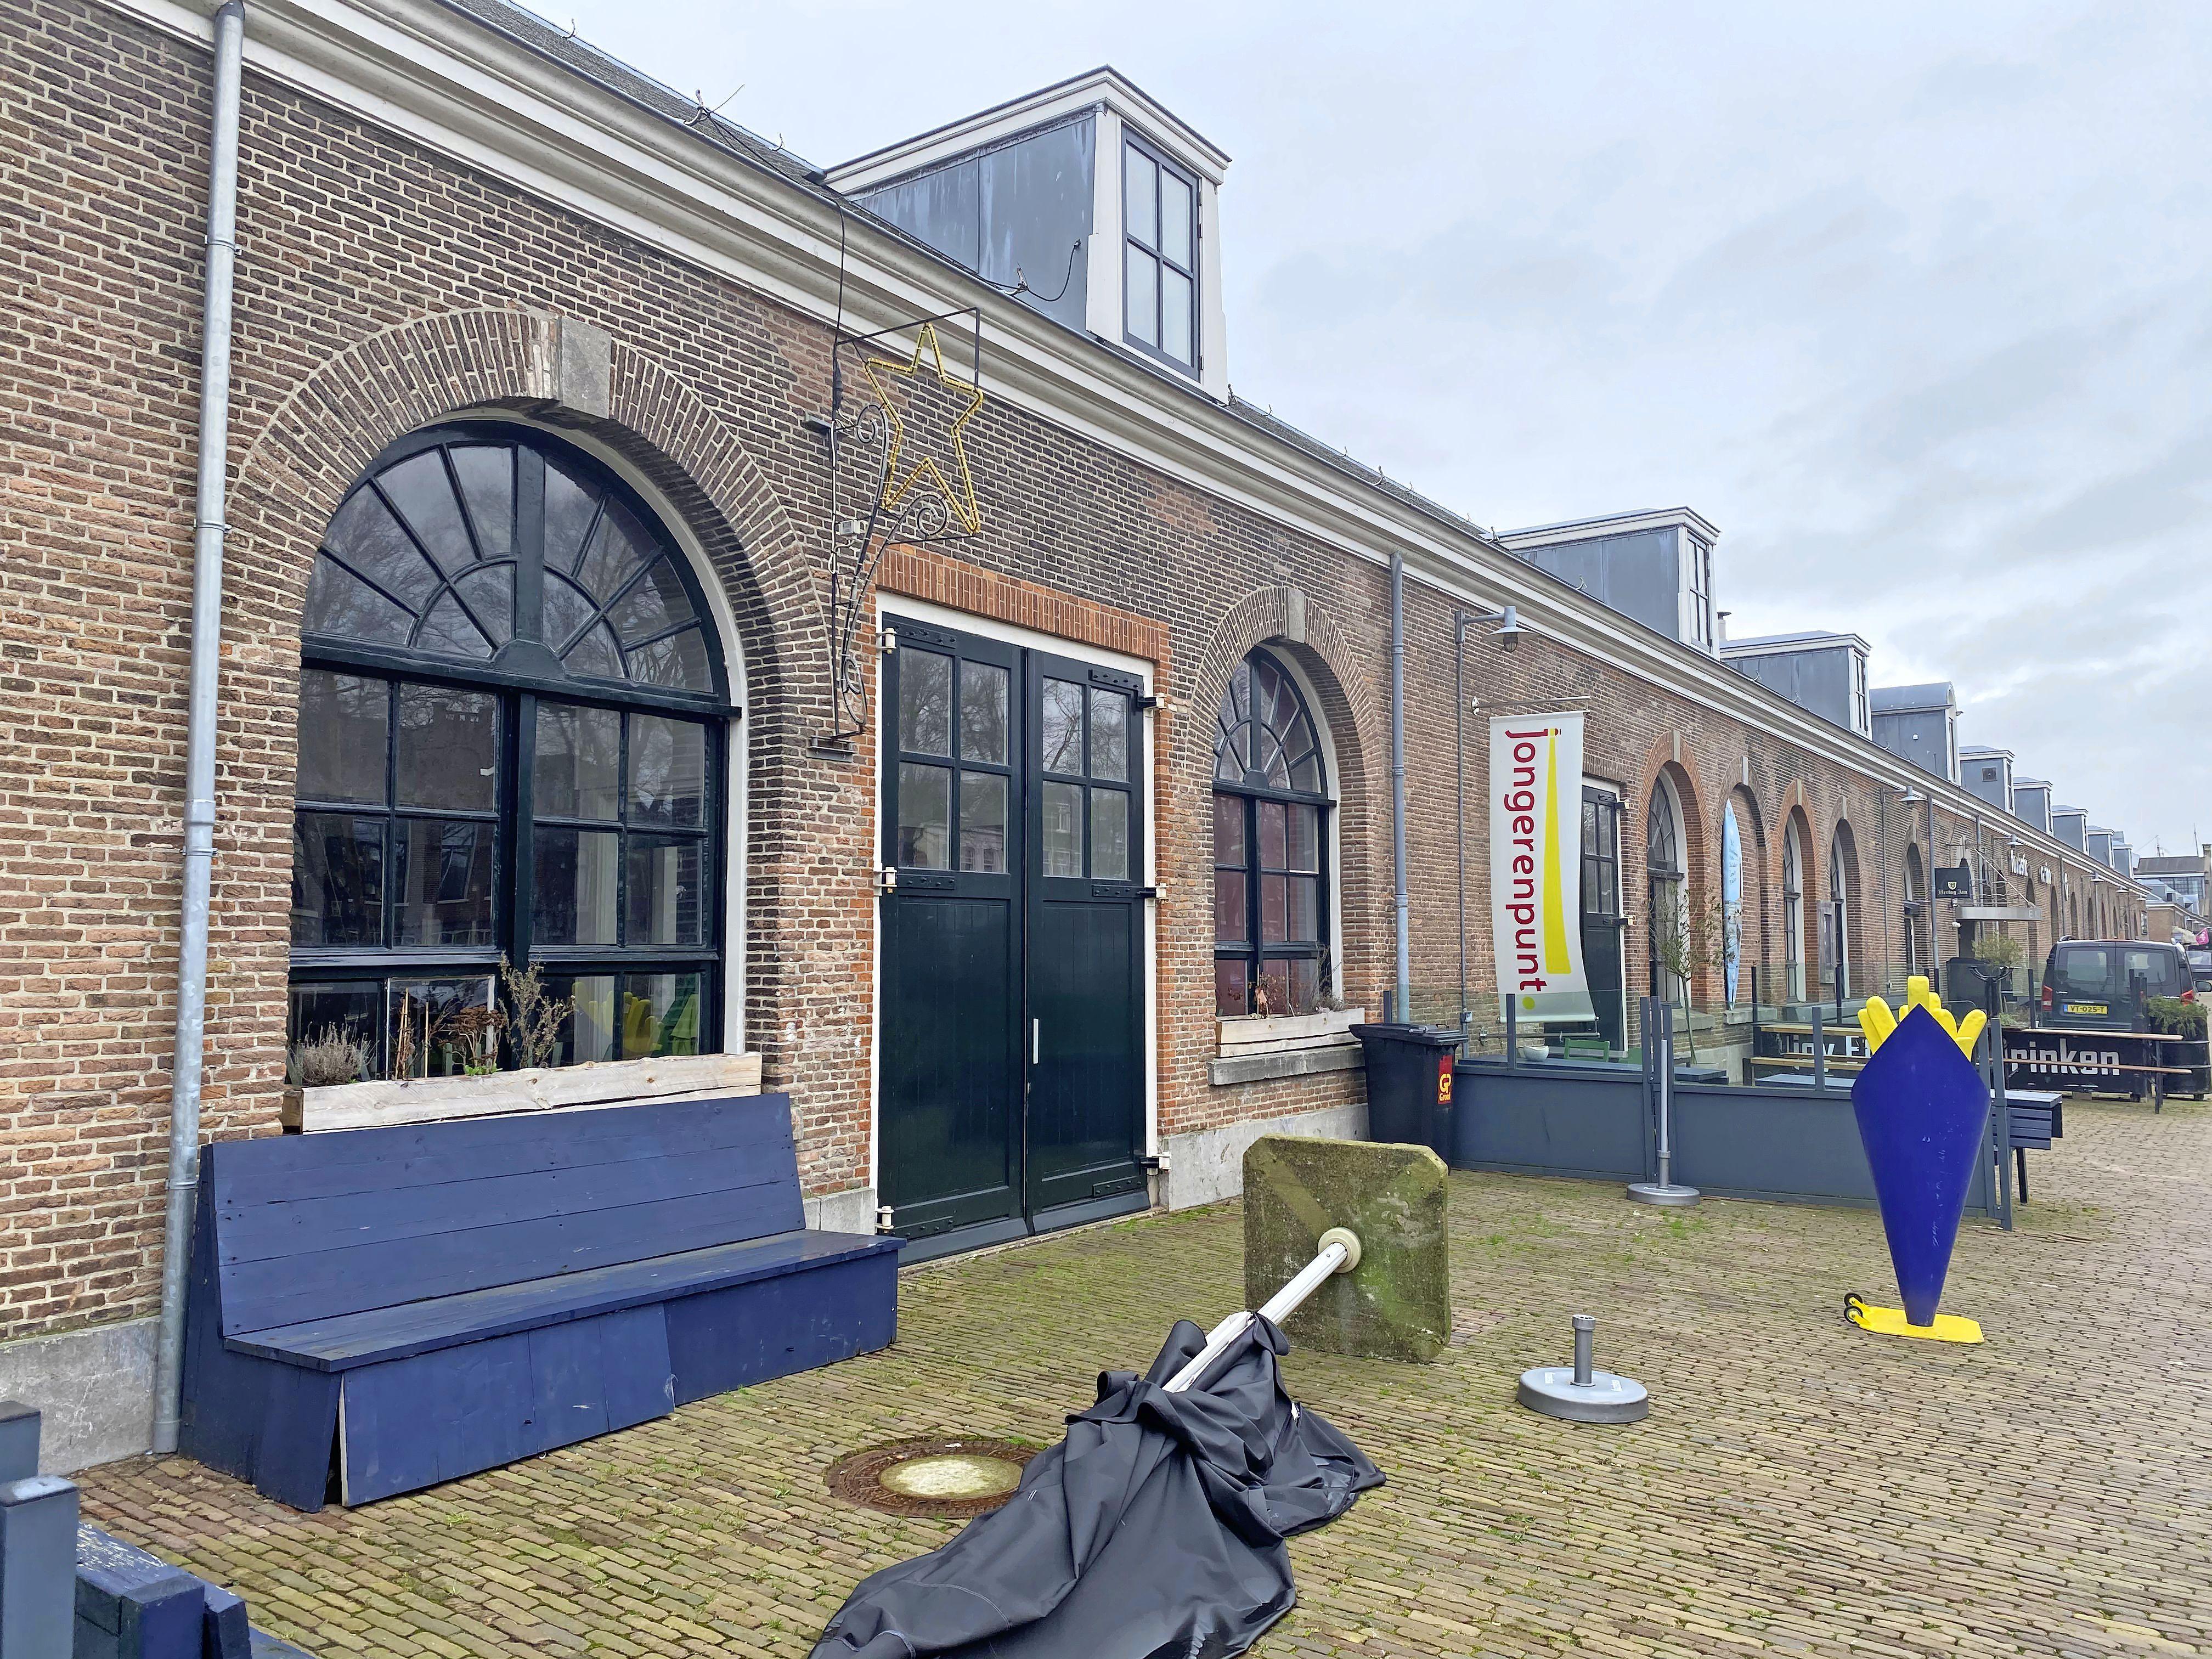 Royal is nog de enige shoarmazaak in de Koningstraat in Den Helder maar verhuist nu dan toch naar Willemsoord